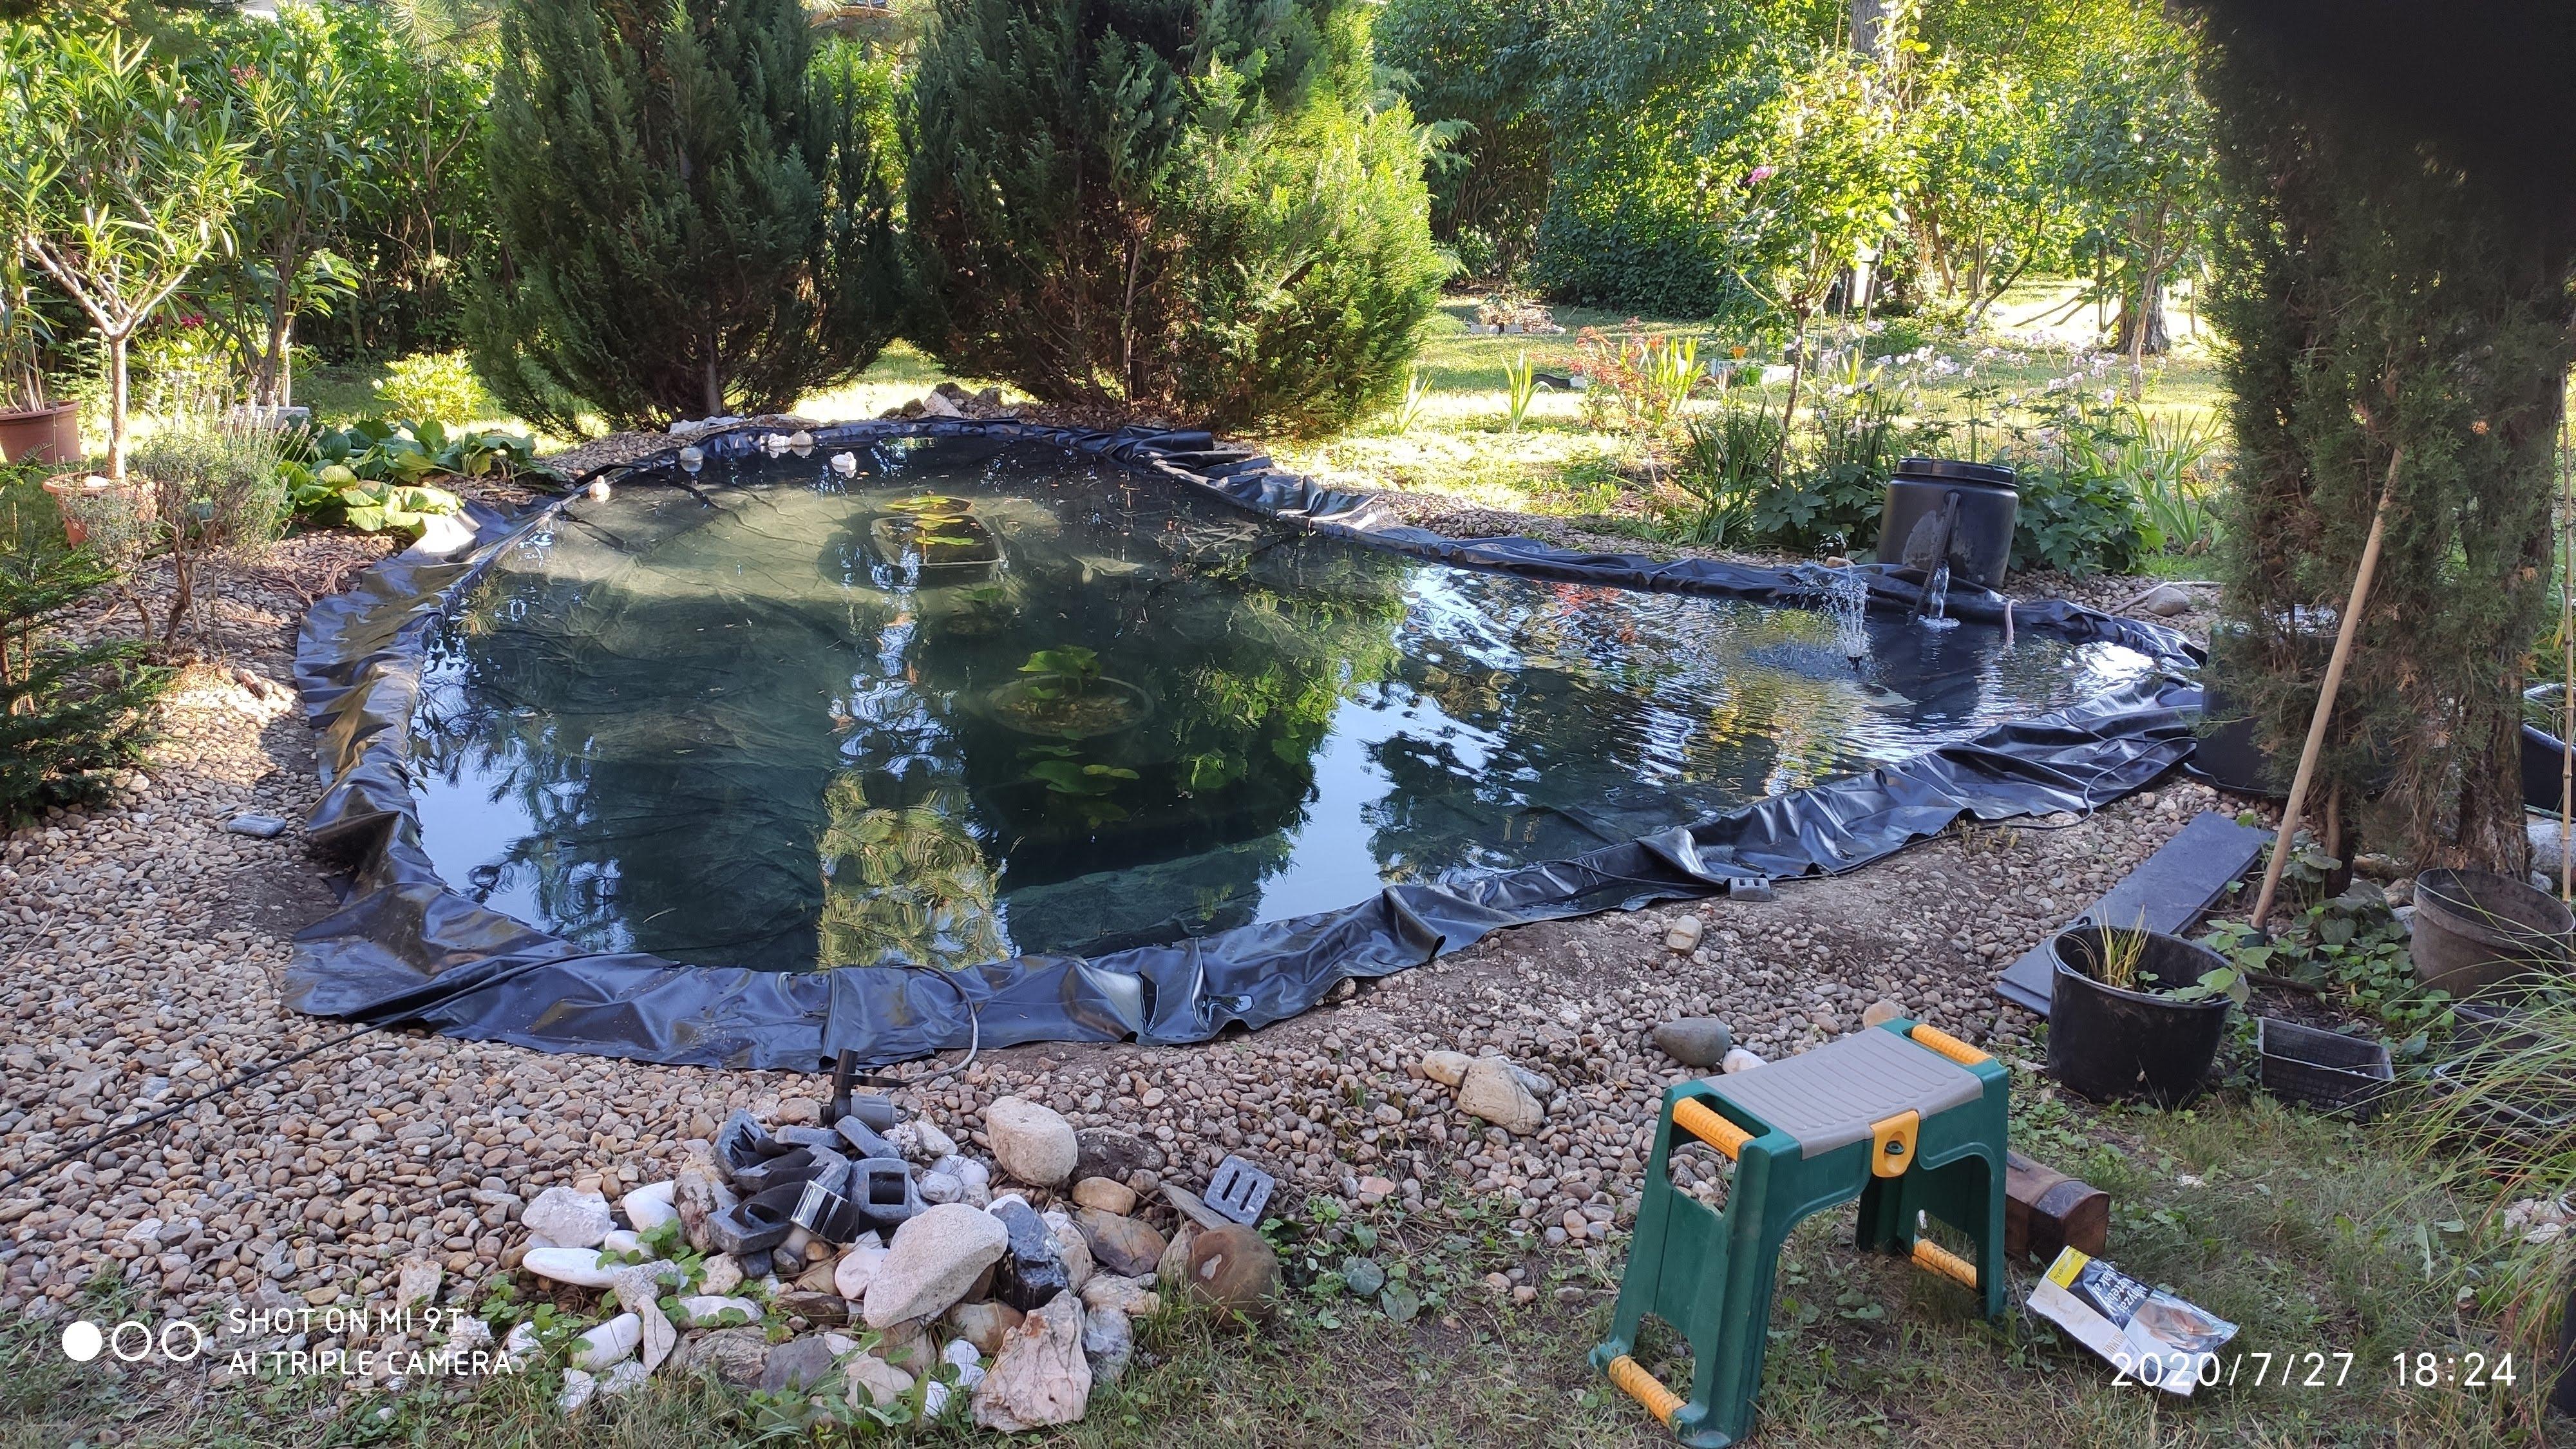 Másnap újabb növények be, és megint 2 részletben a tó teljes feltöltése. Már felsejlik, hogy a perem vízszintezéssel gondok vannak. A víz még tiszta, levegőztetés bővítve, hogy a halakat is lehessen visszatelepíteni.